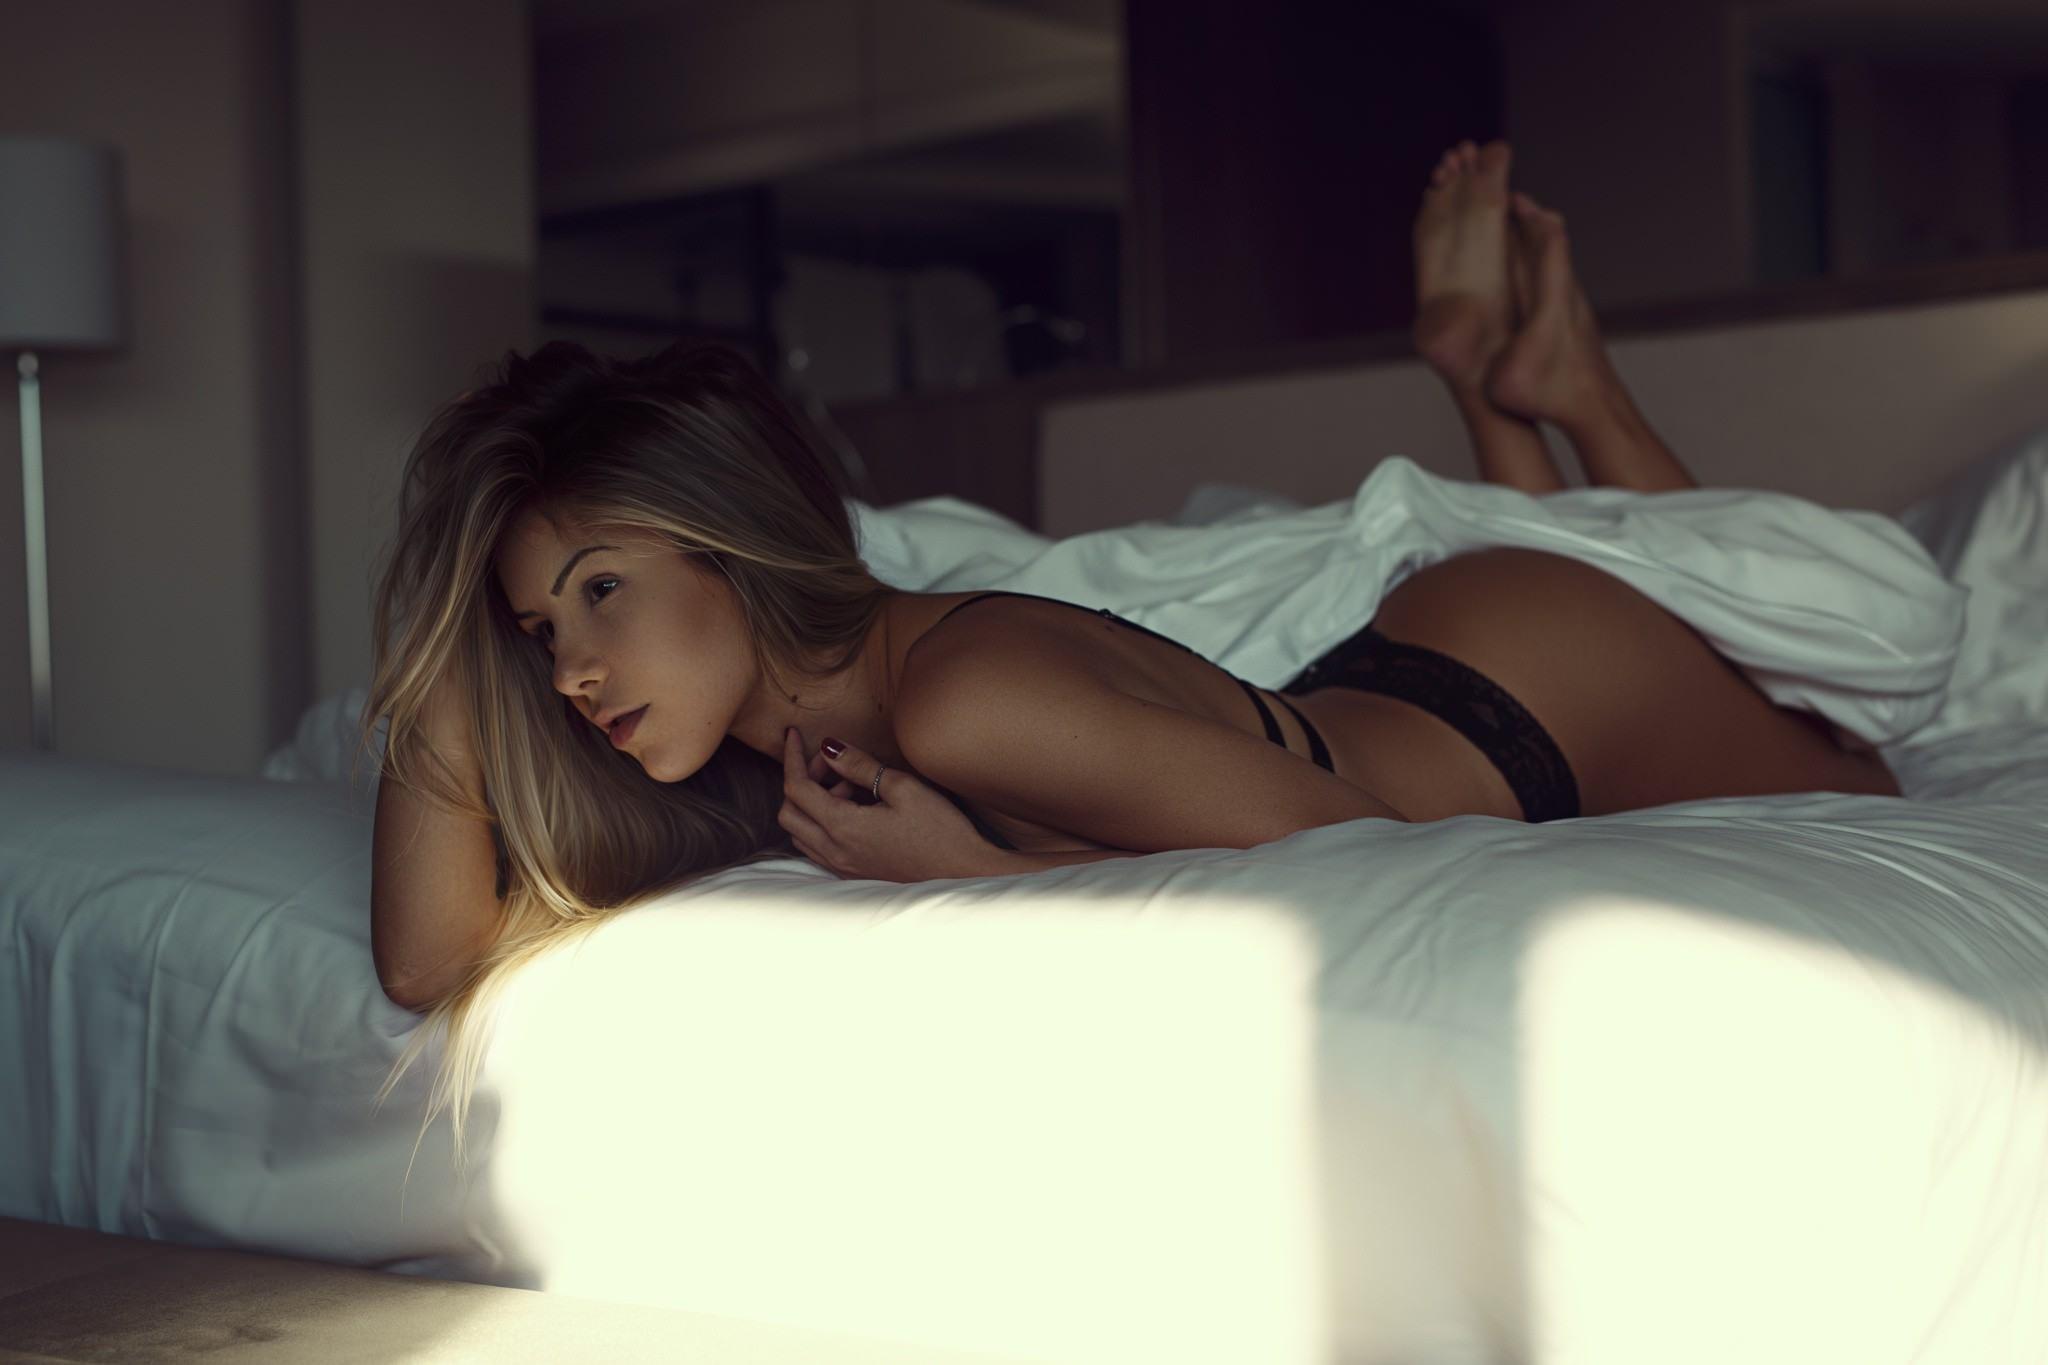 Фото Красивая девушка кувыркается в постели утром, черные трусики, скачать картинку бесплатно